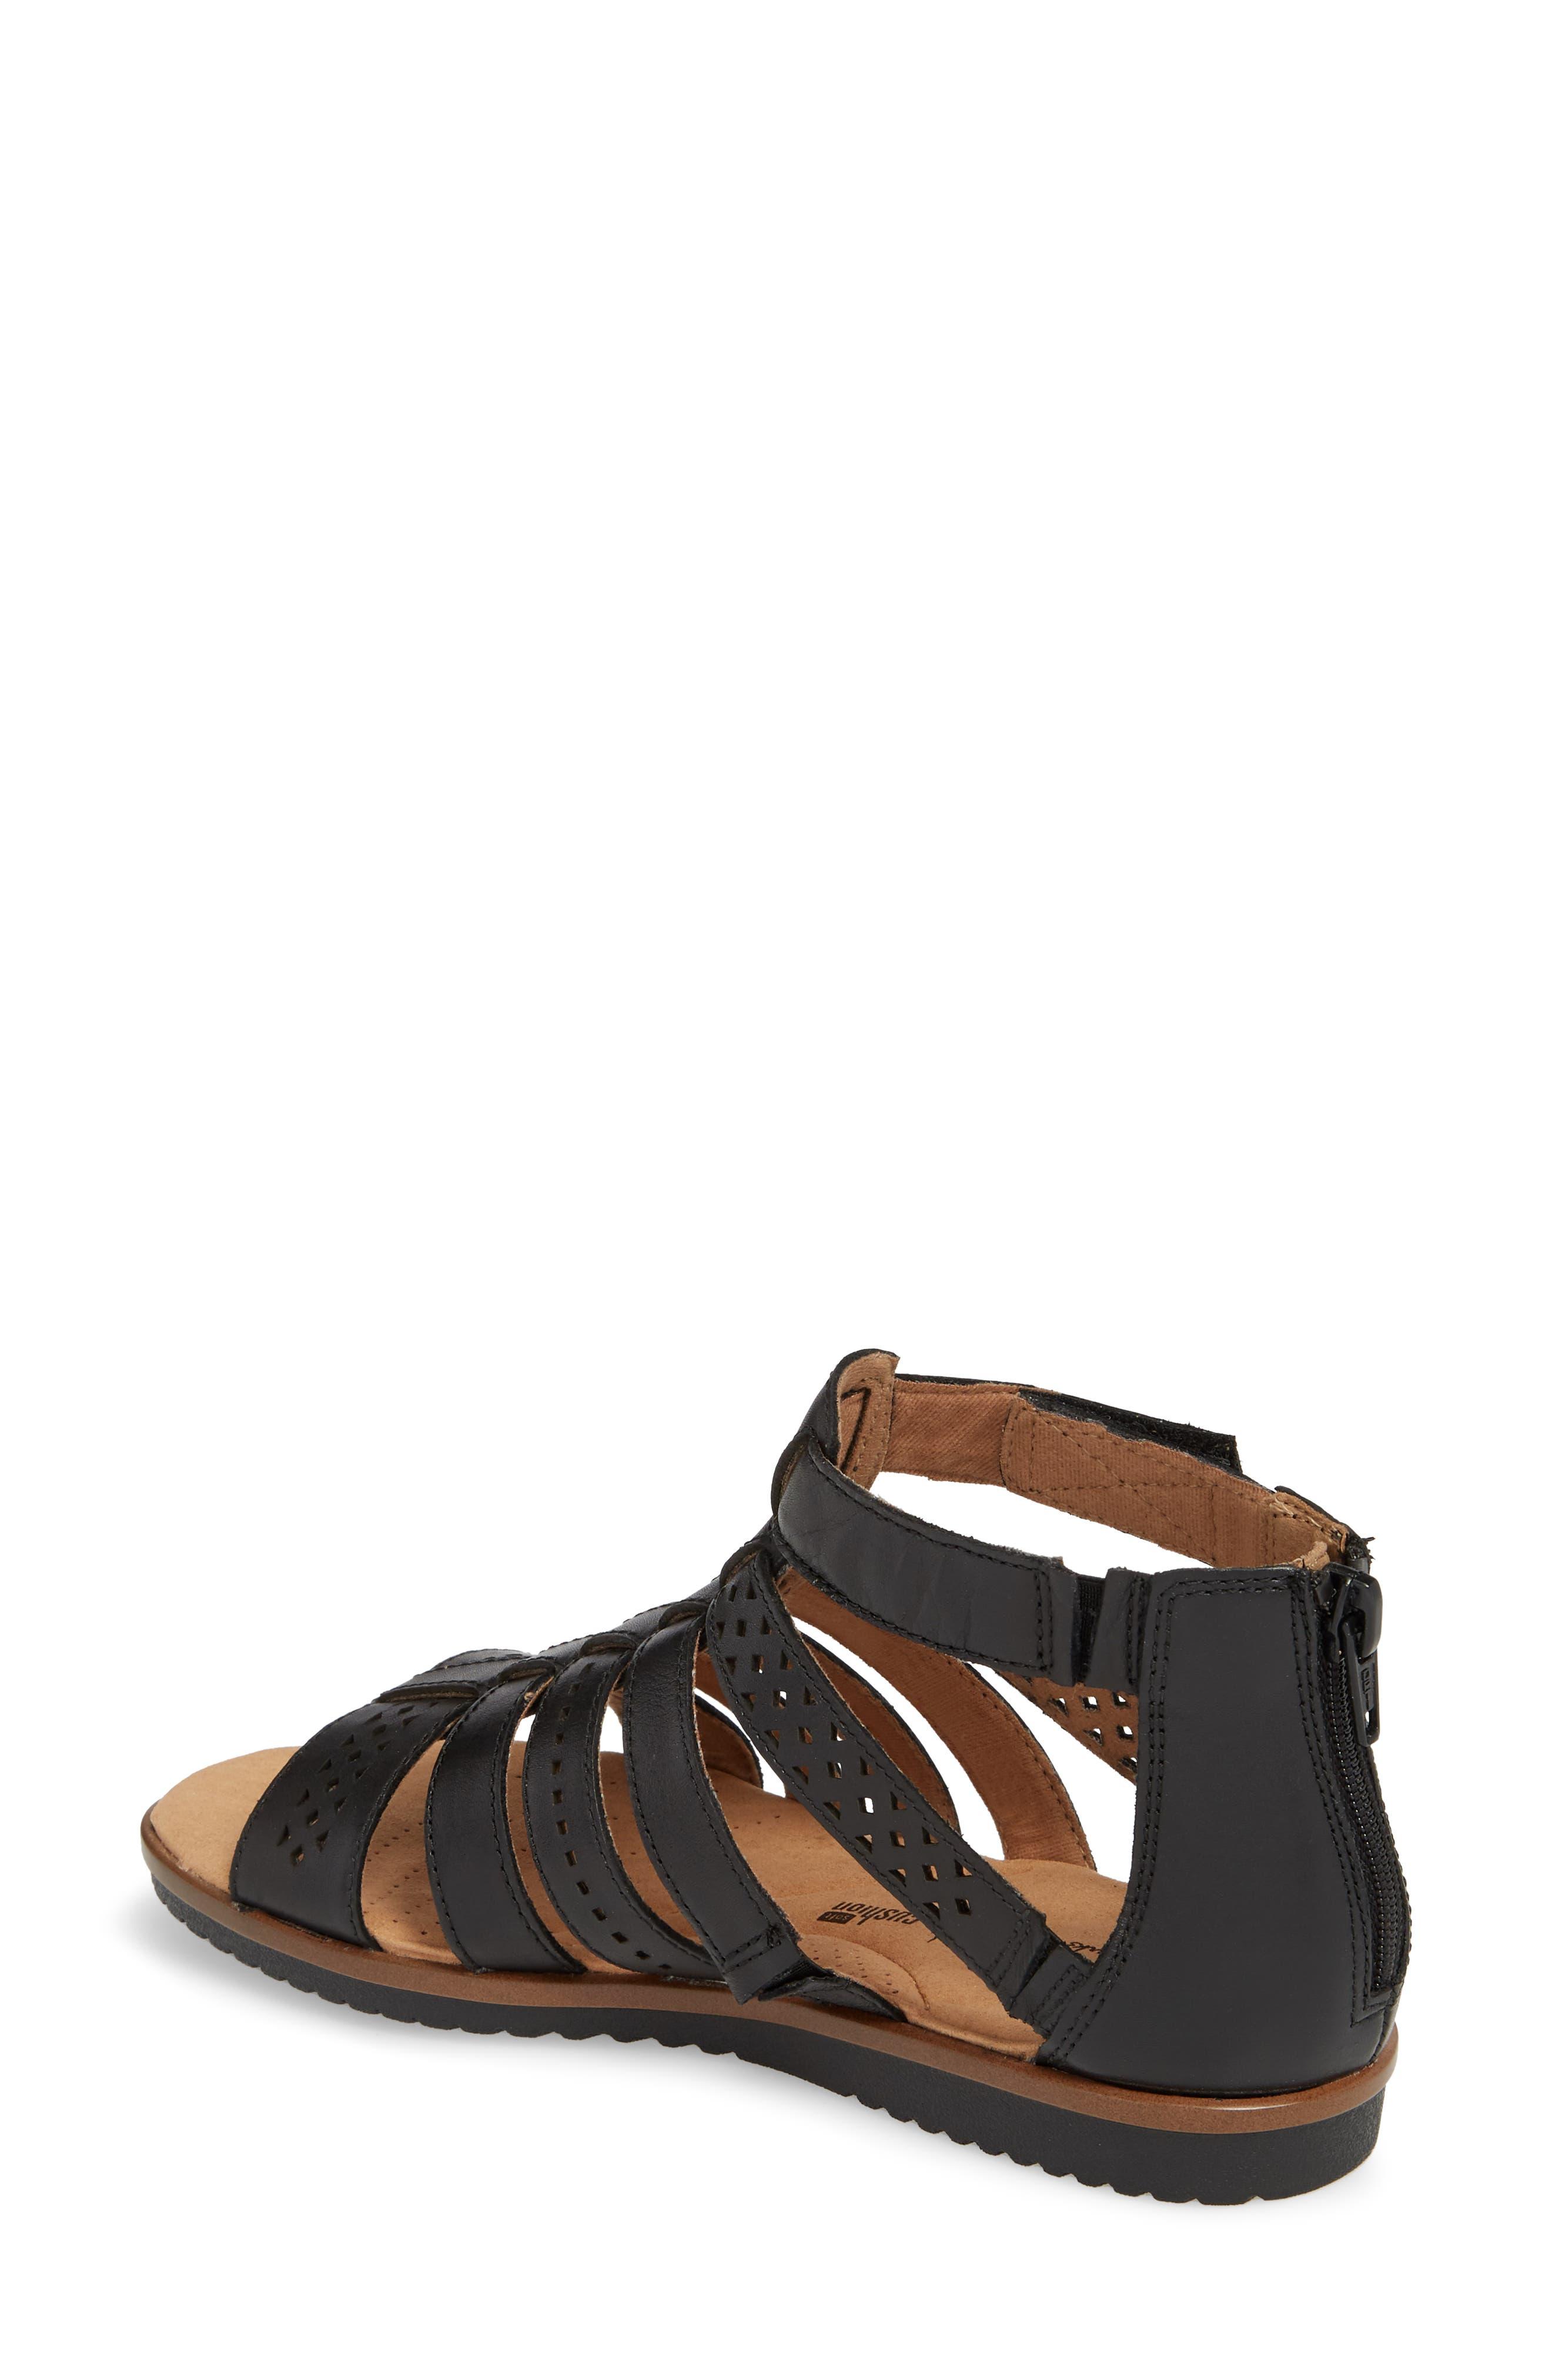 Kele Lotus Sandal,                             Alternate thumbnail 2, color,                             BLACK LEATHER